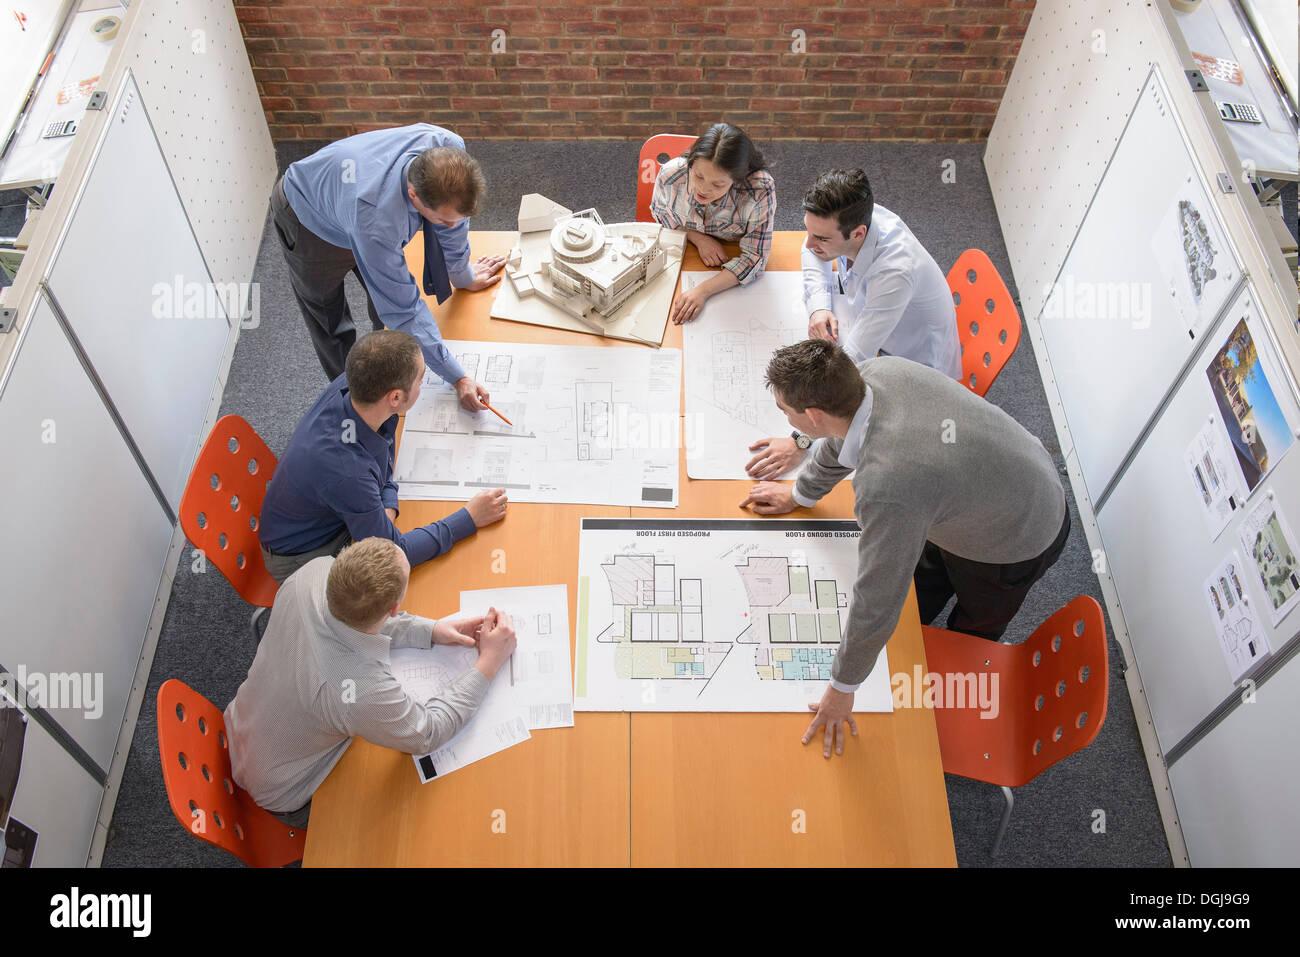 El equipo de arquitectos discutiendo planes en la sala de reuniones Imagen De Stock